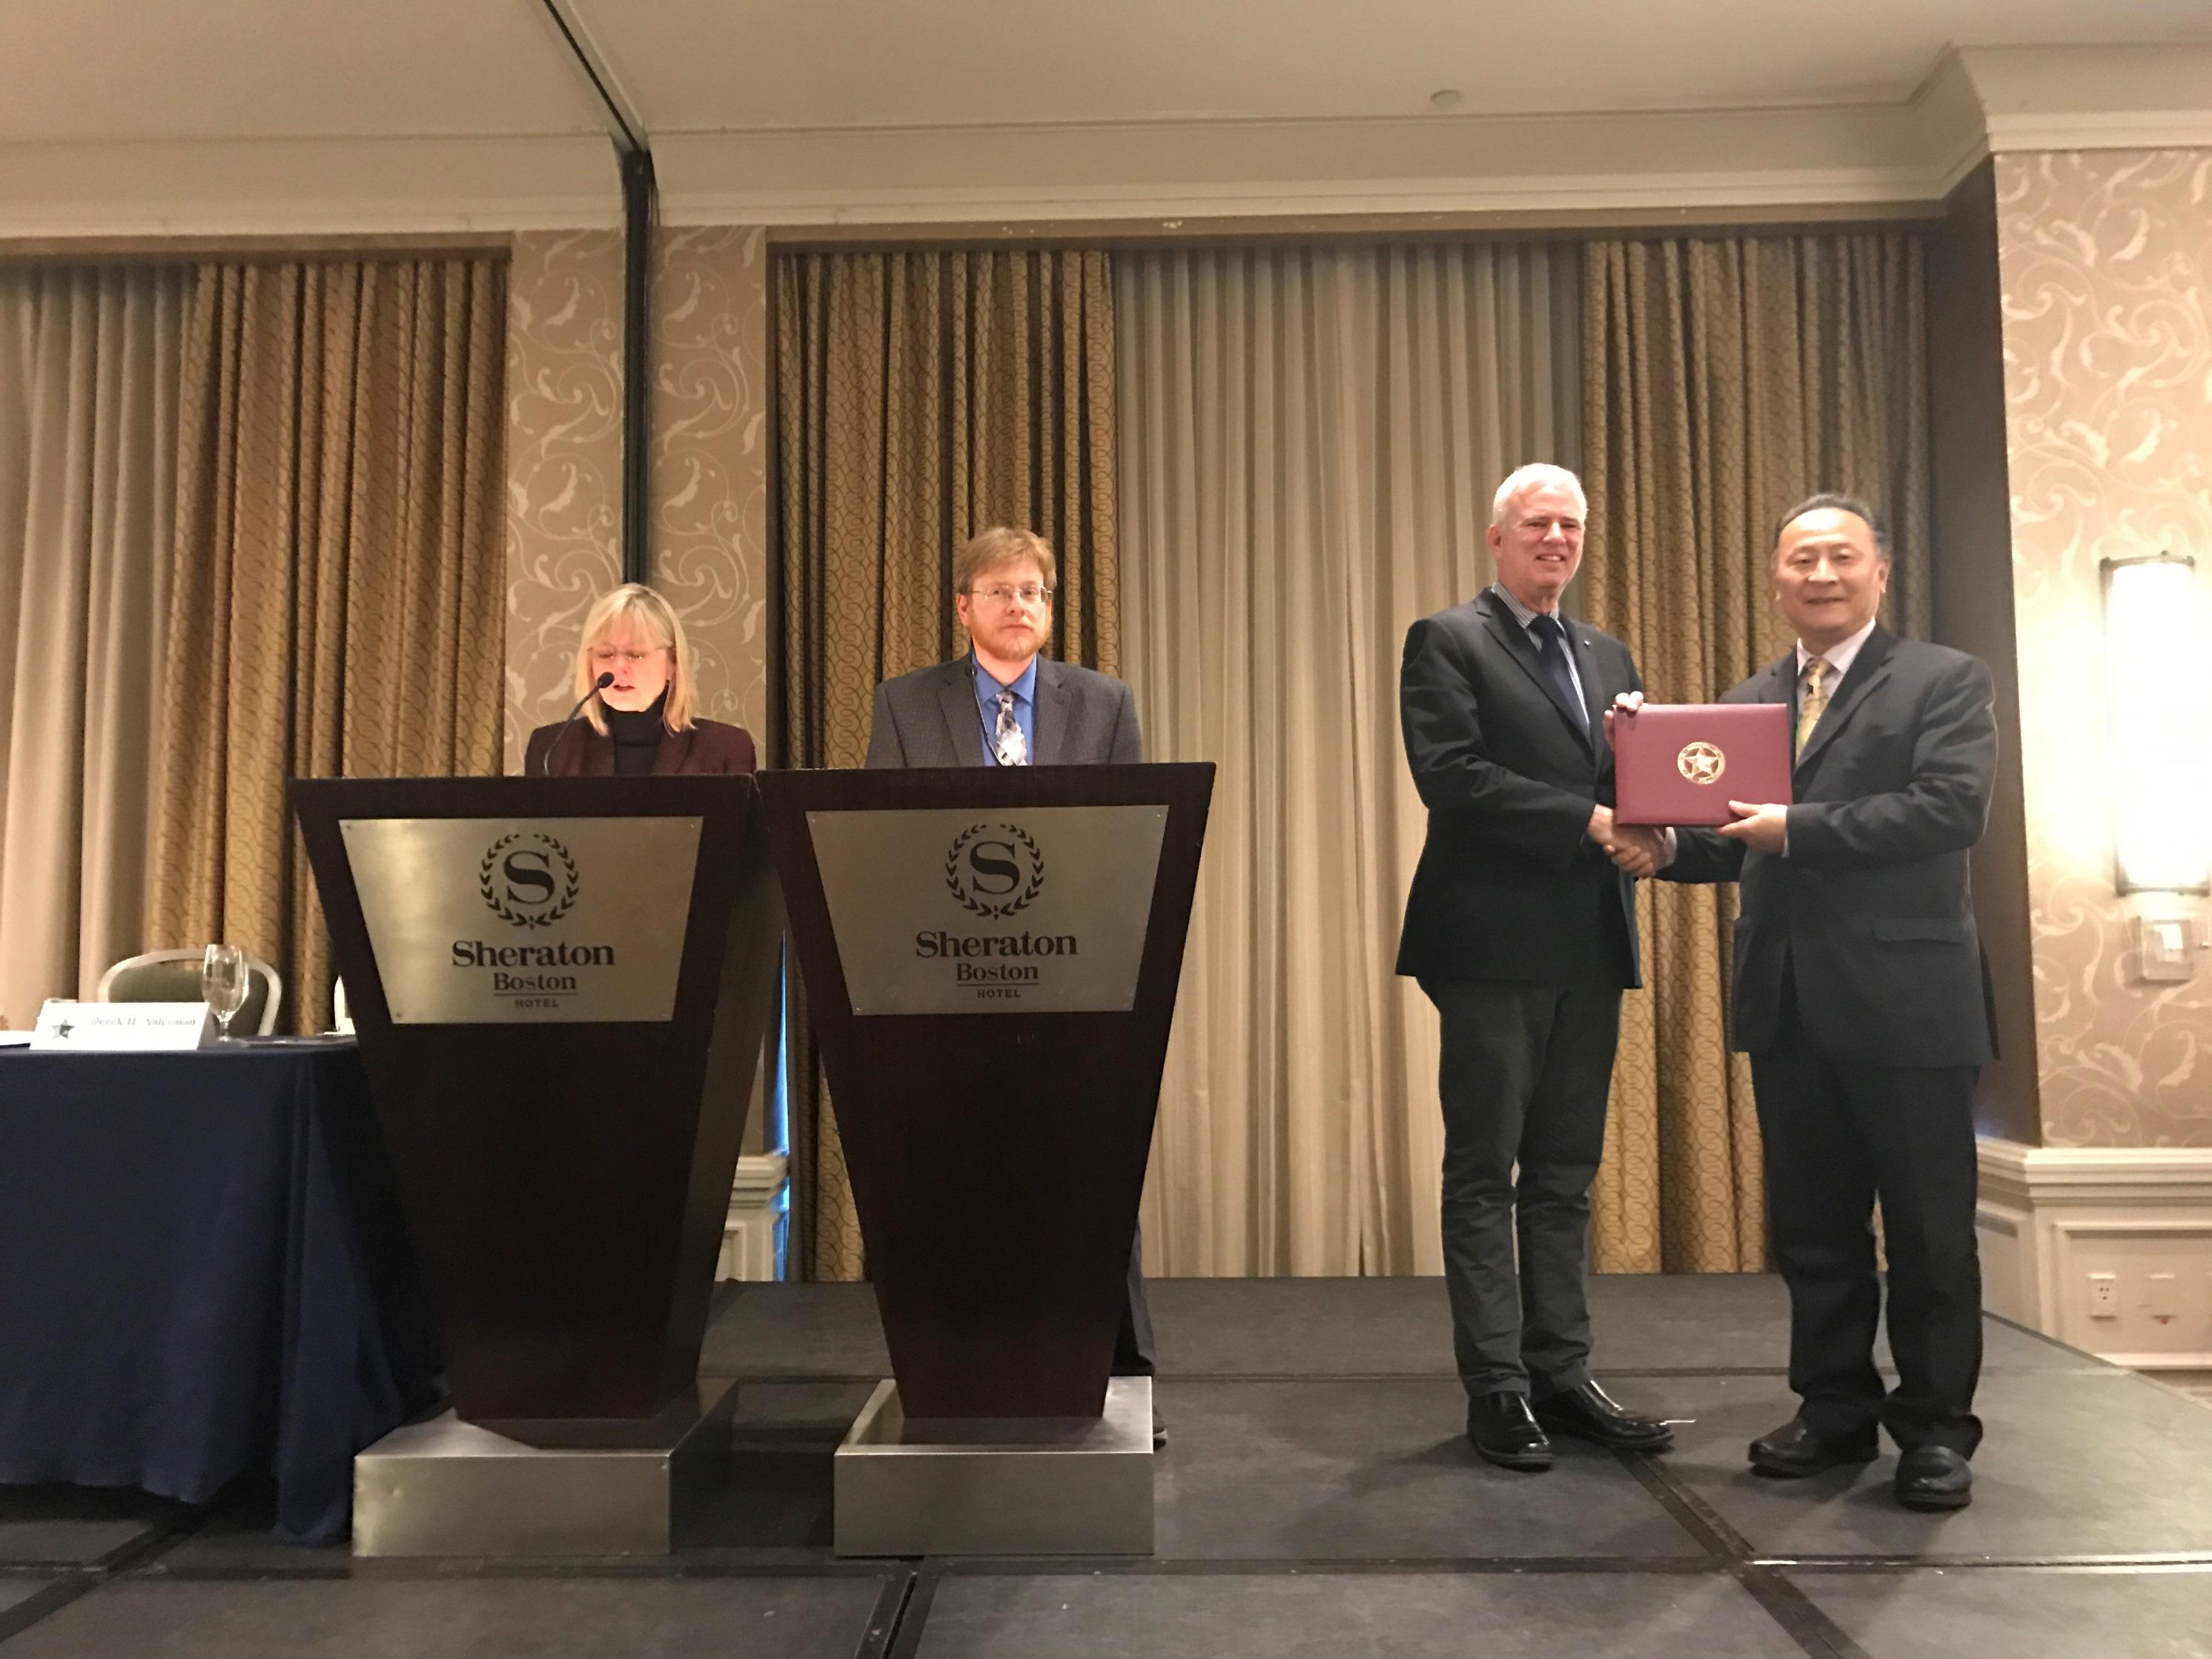 中大地理與資源管理學系陳述彭地球信息科學教授林琿教授(右)獲頒授美國地理學家協會米勒獎。